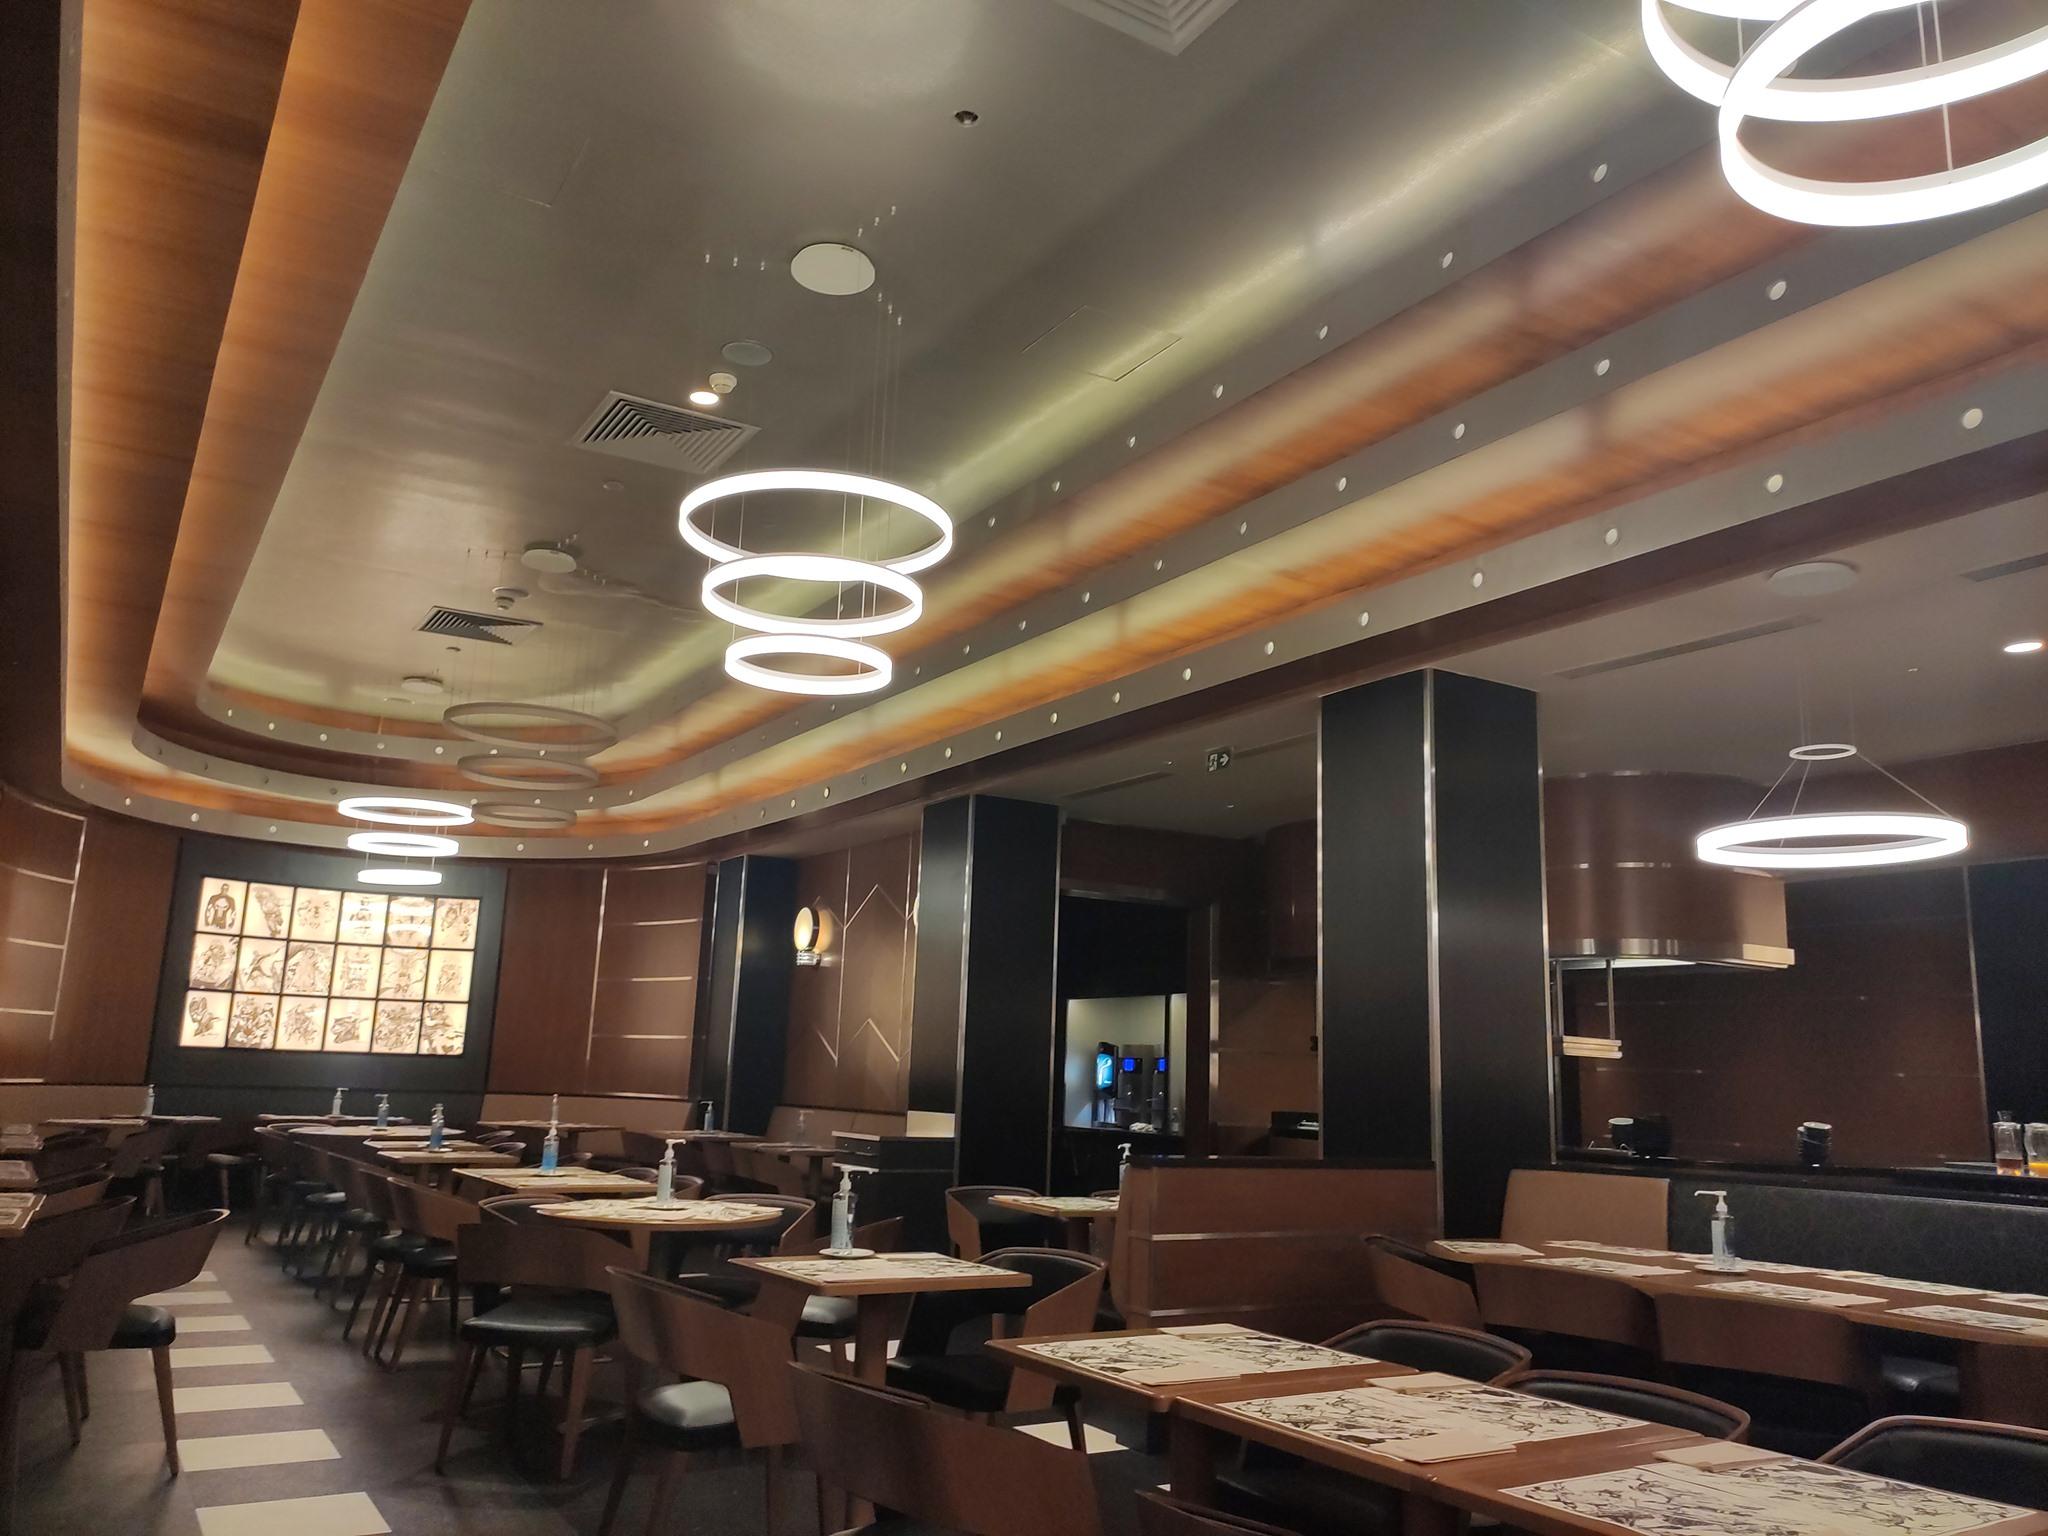 Downtown Restaurant - Disney's Hotel New York - The Art of Marvel